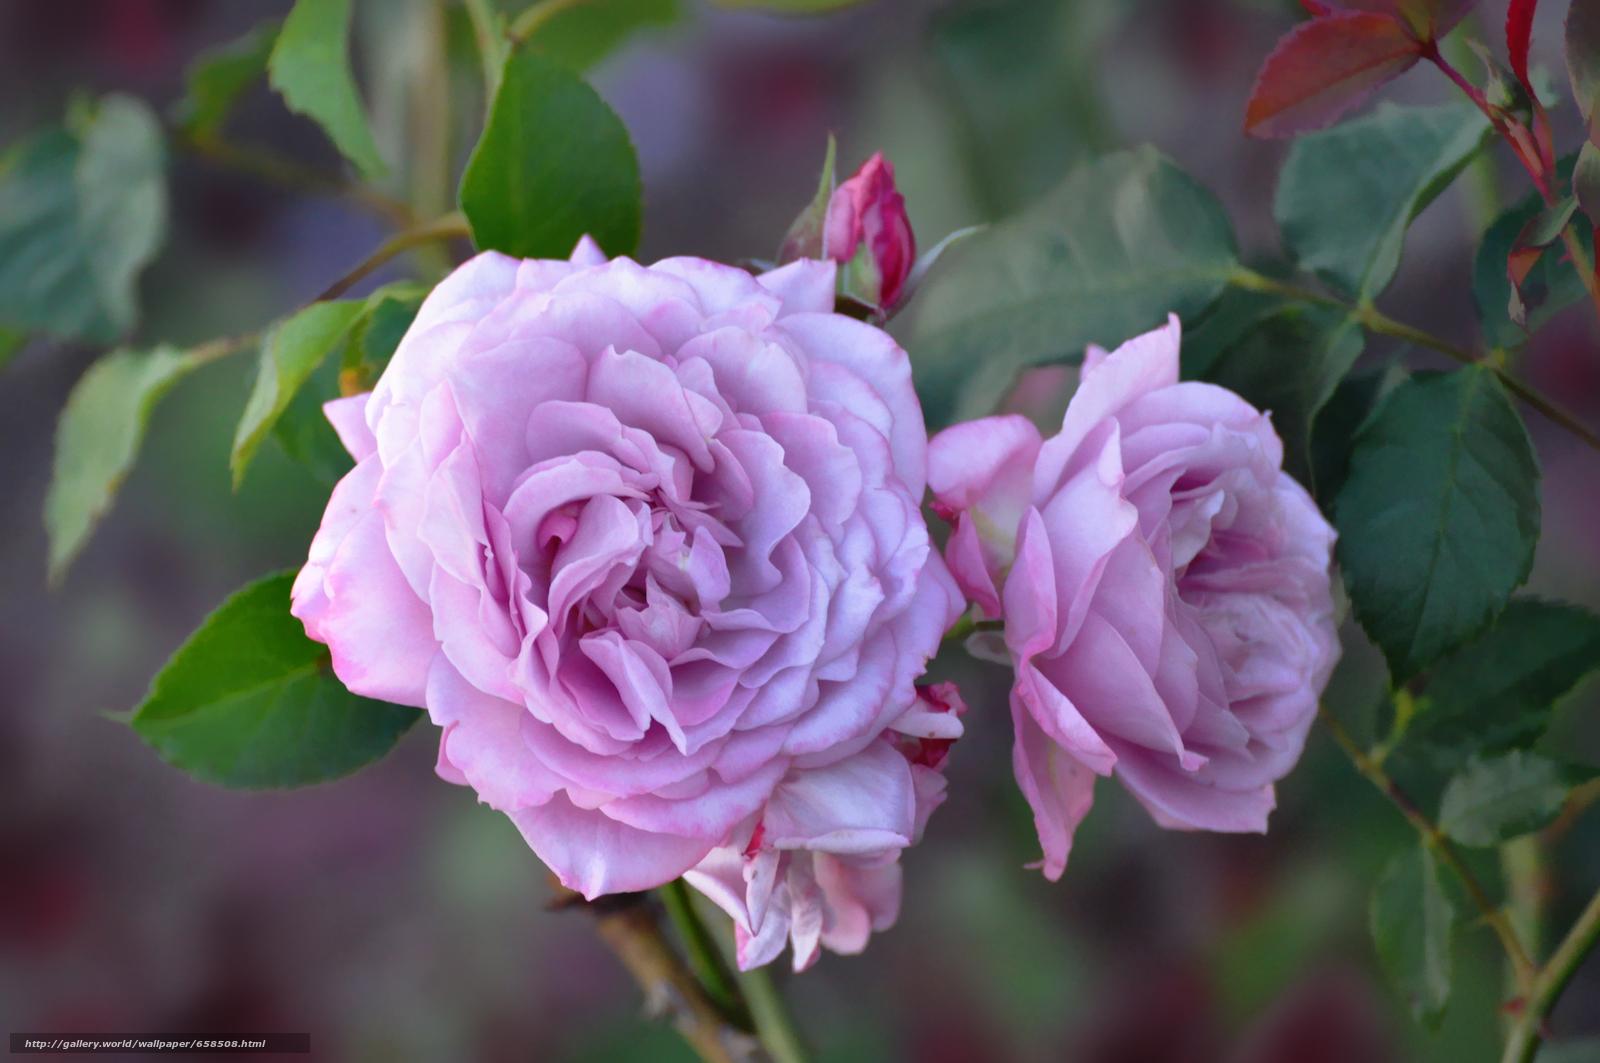 Скачать обои цветок,  цветы,  флора,  роза бесплатно для рабочего стола в разрешении 4288x2848 — картинка №658508